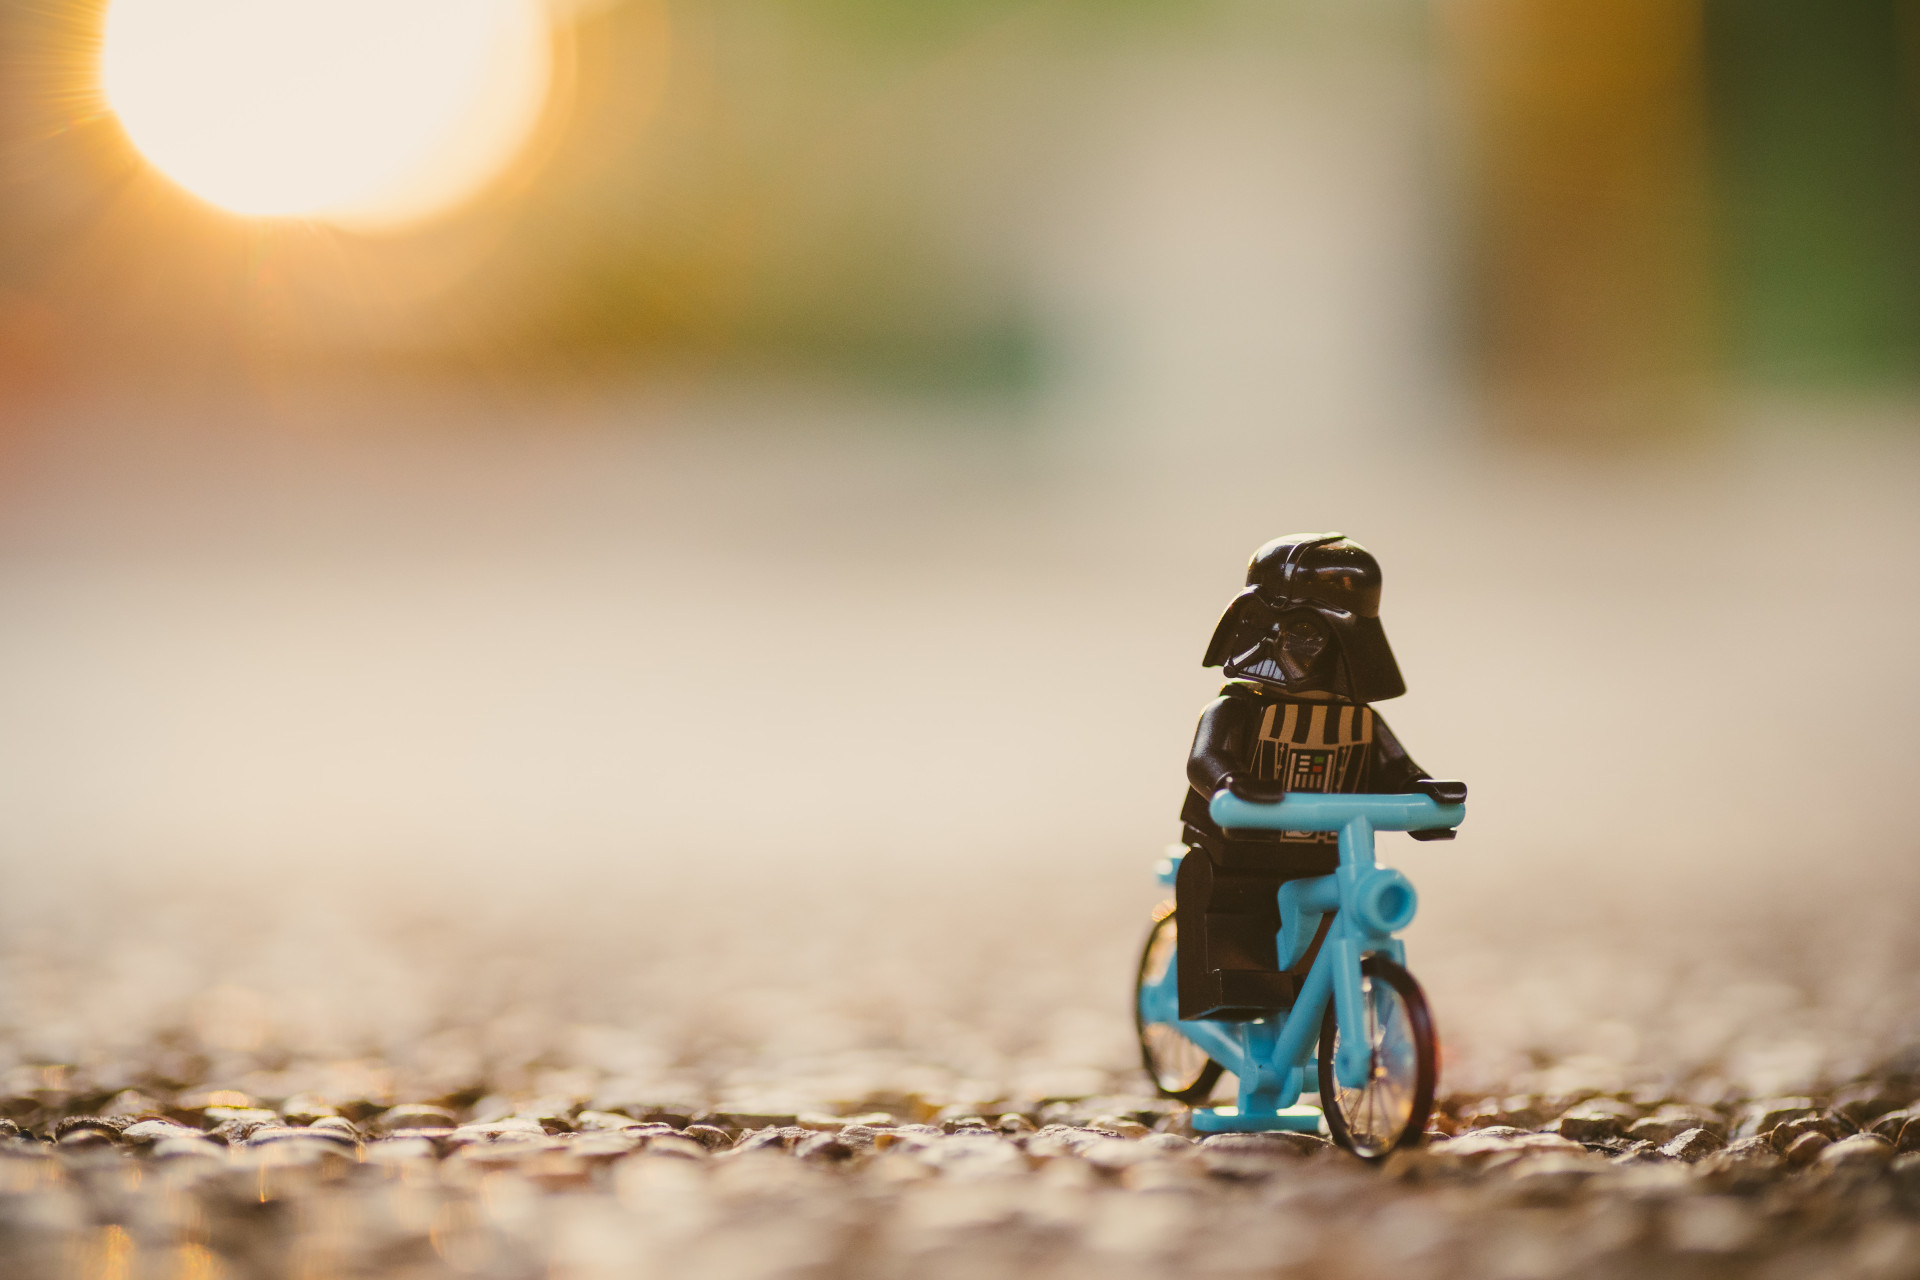 Darth Wader con casco en bicicleta.